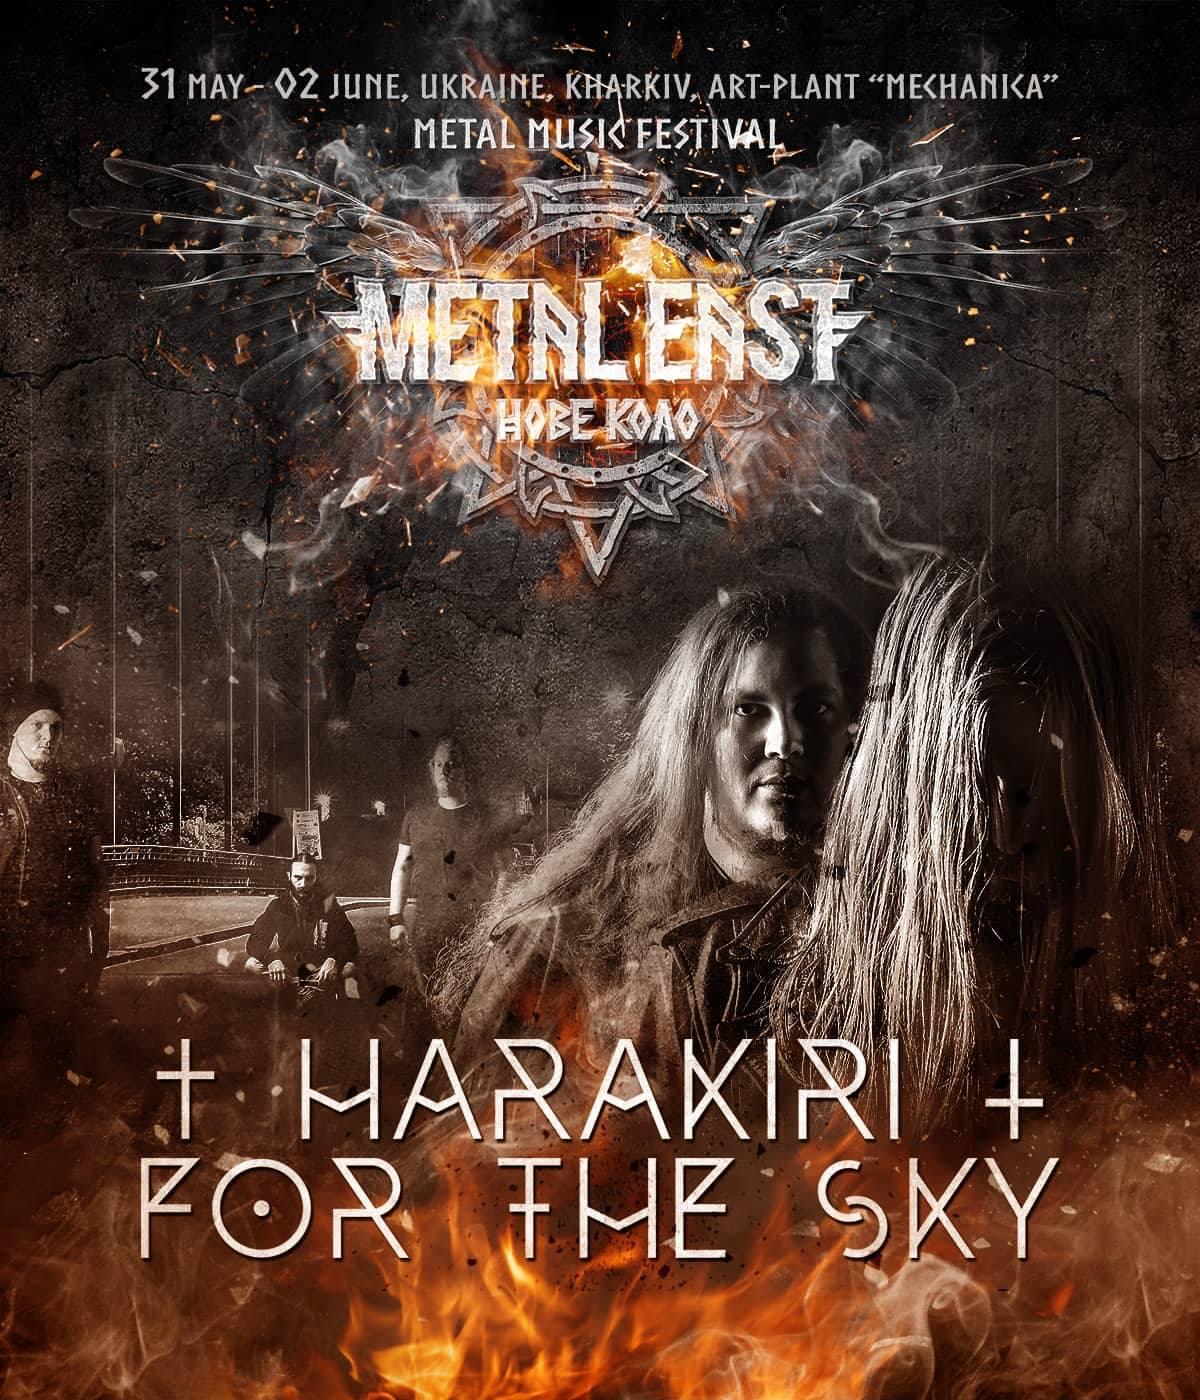 З 31 травня по 2 червня 2019 року HARAKIRI FOR THE SKY на фестивалі Metal East Нове Коло у Харкові